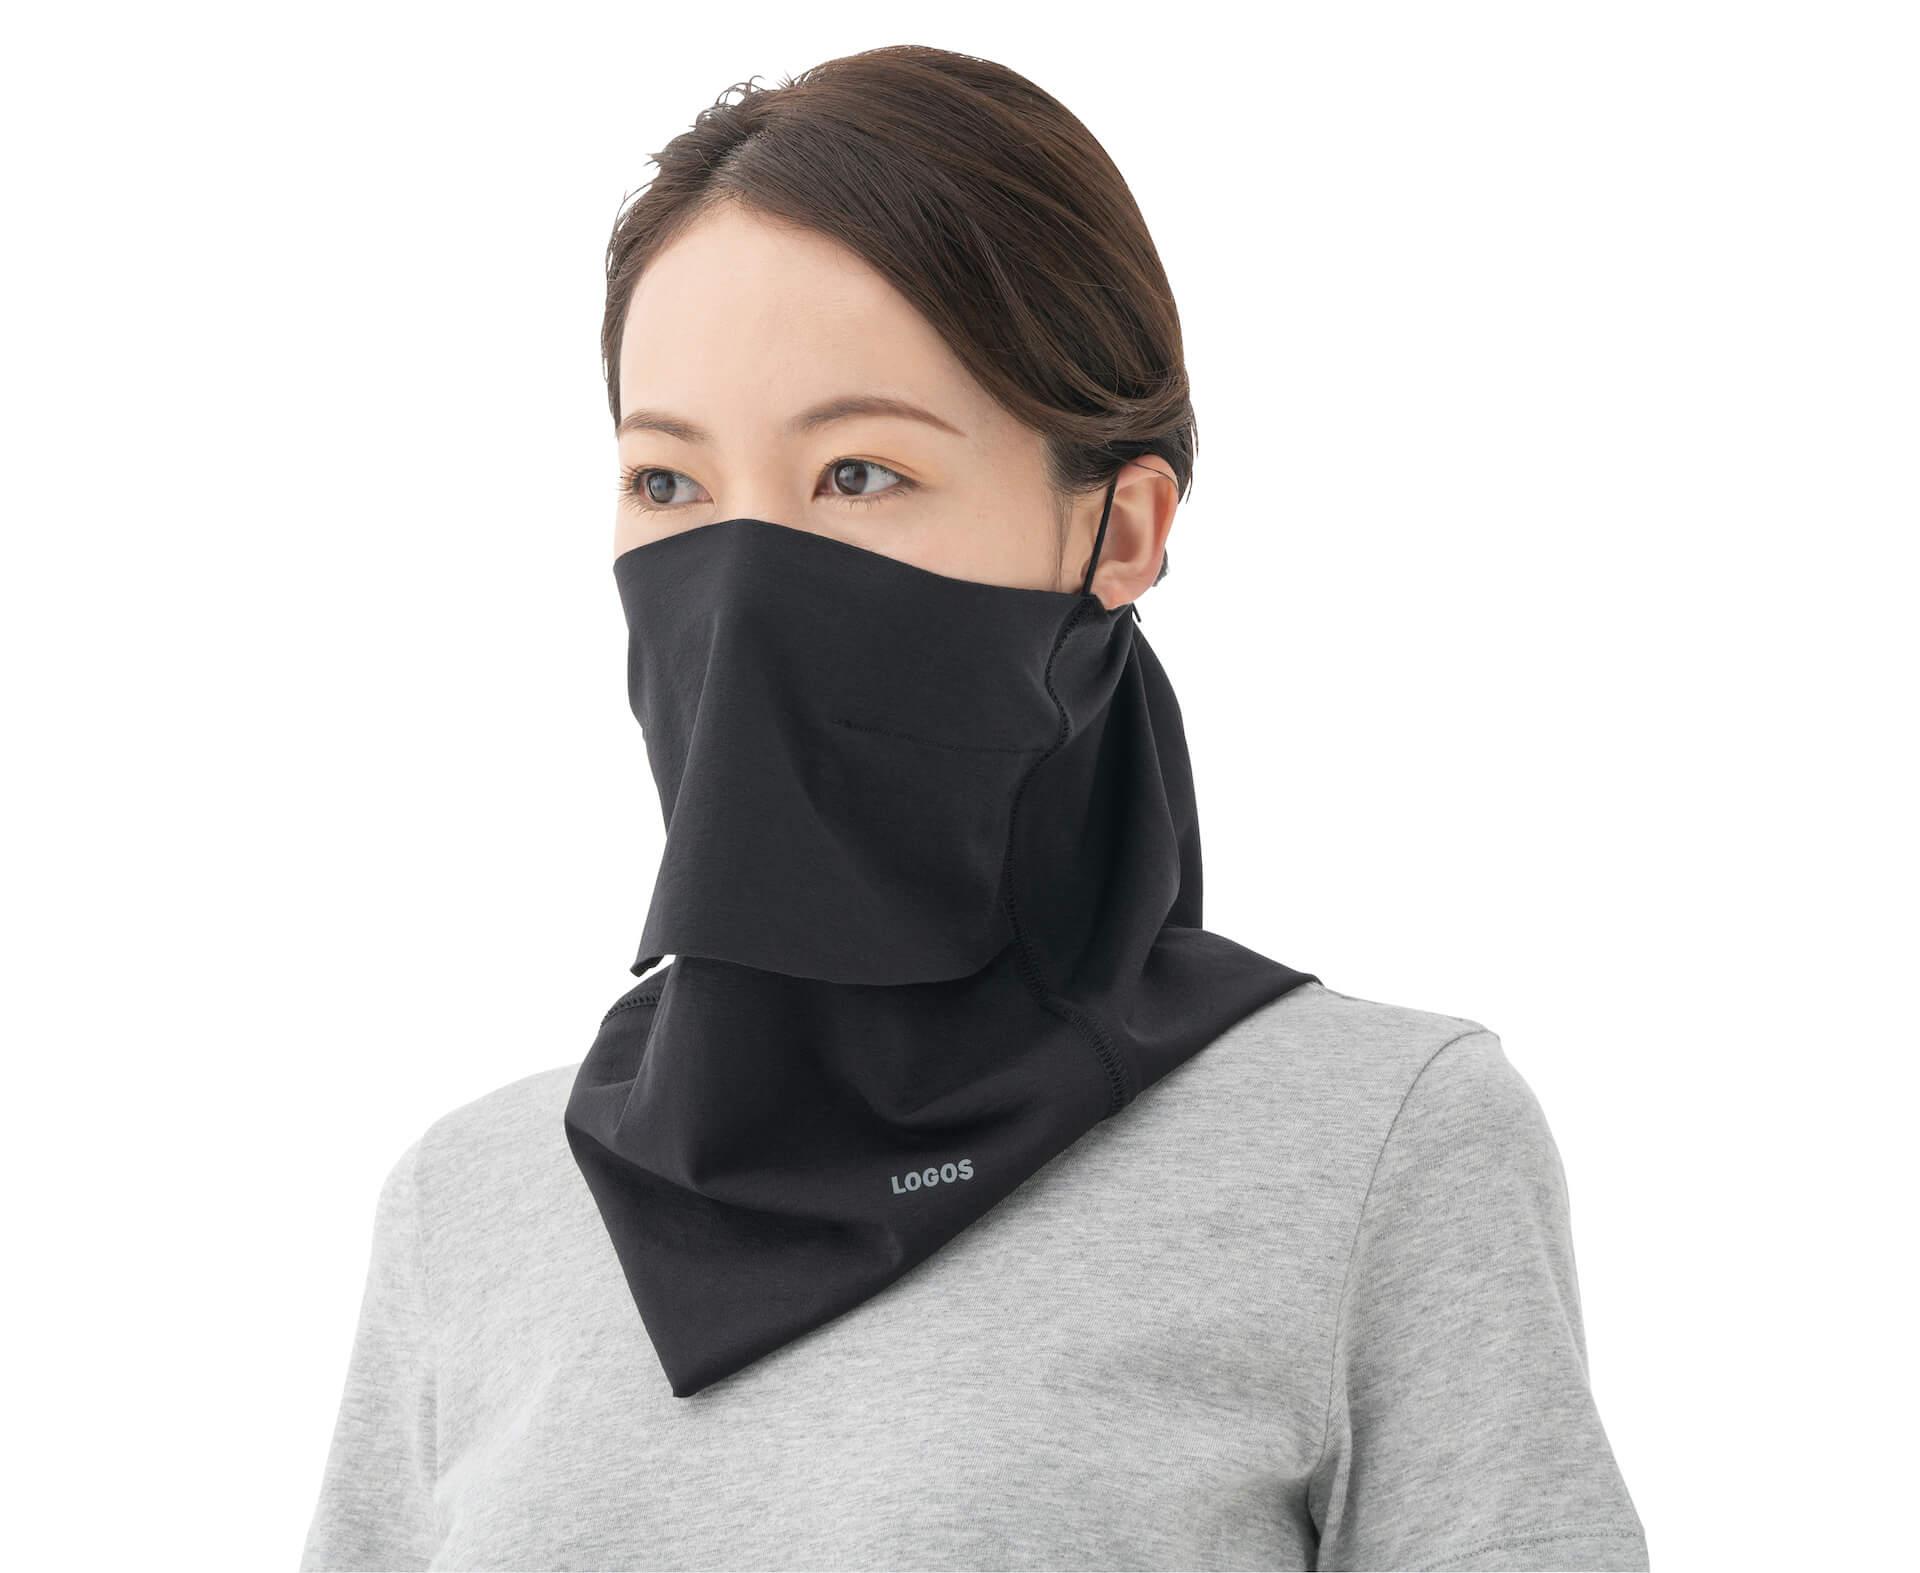 ひんやり素材のマスクで夏も快適!品切れ続出のLOGOS『美フィットスキン UVフェイスマスク』が追加販売決定 lf200609_.logos_mask_03